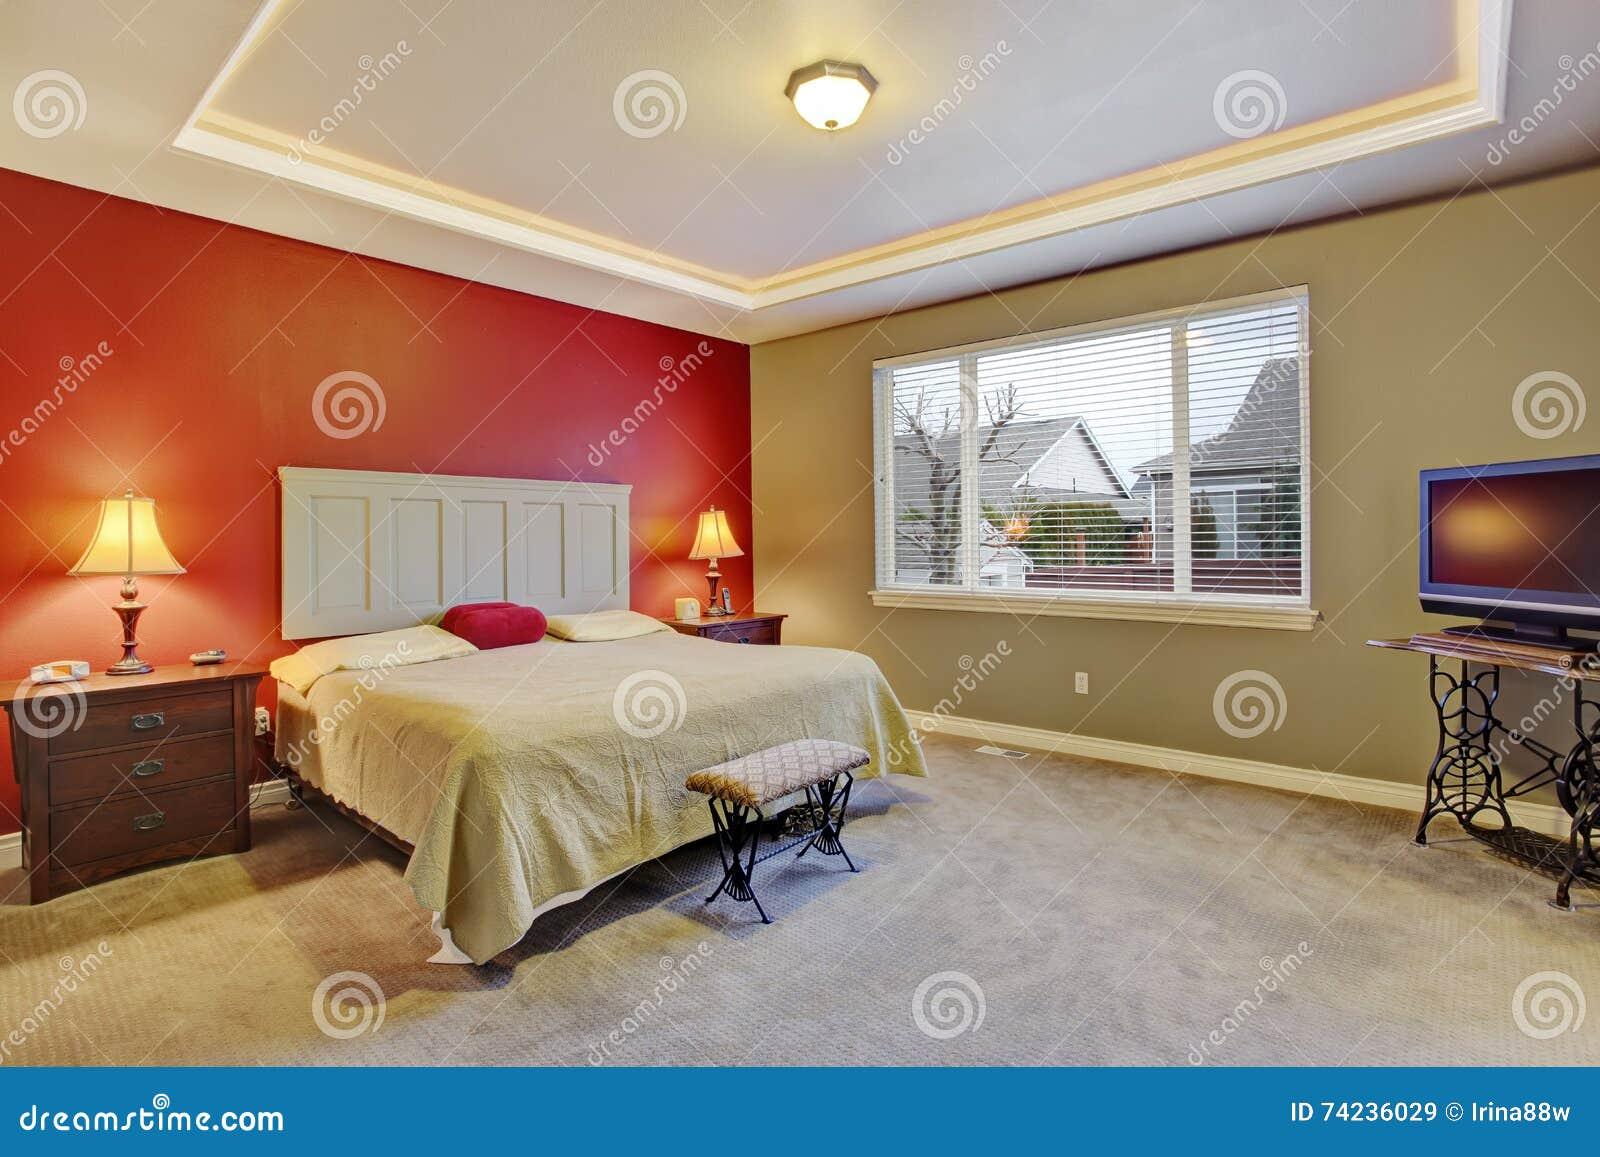 Czerwona Prosta Sypialnia Z Dużym łóżkiem Wielki Okno Obraz